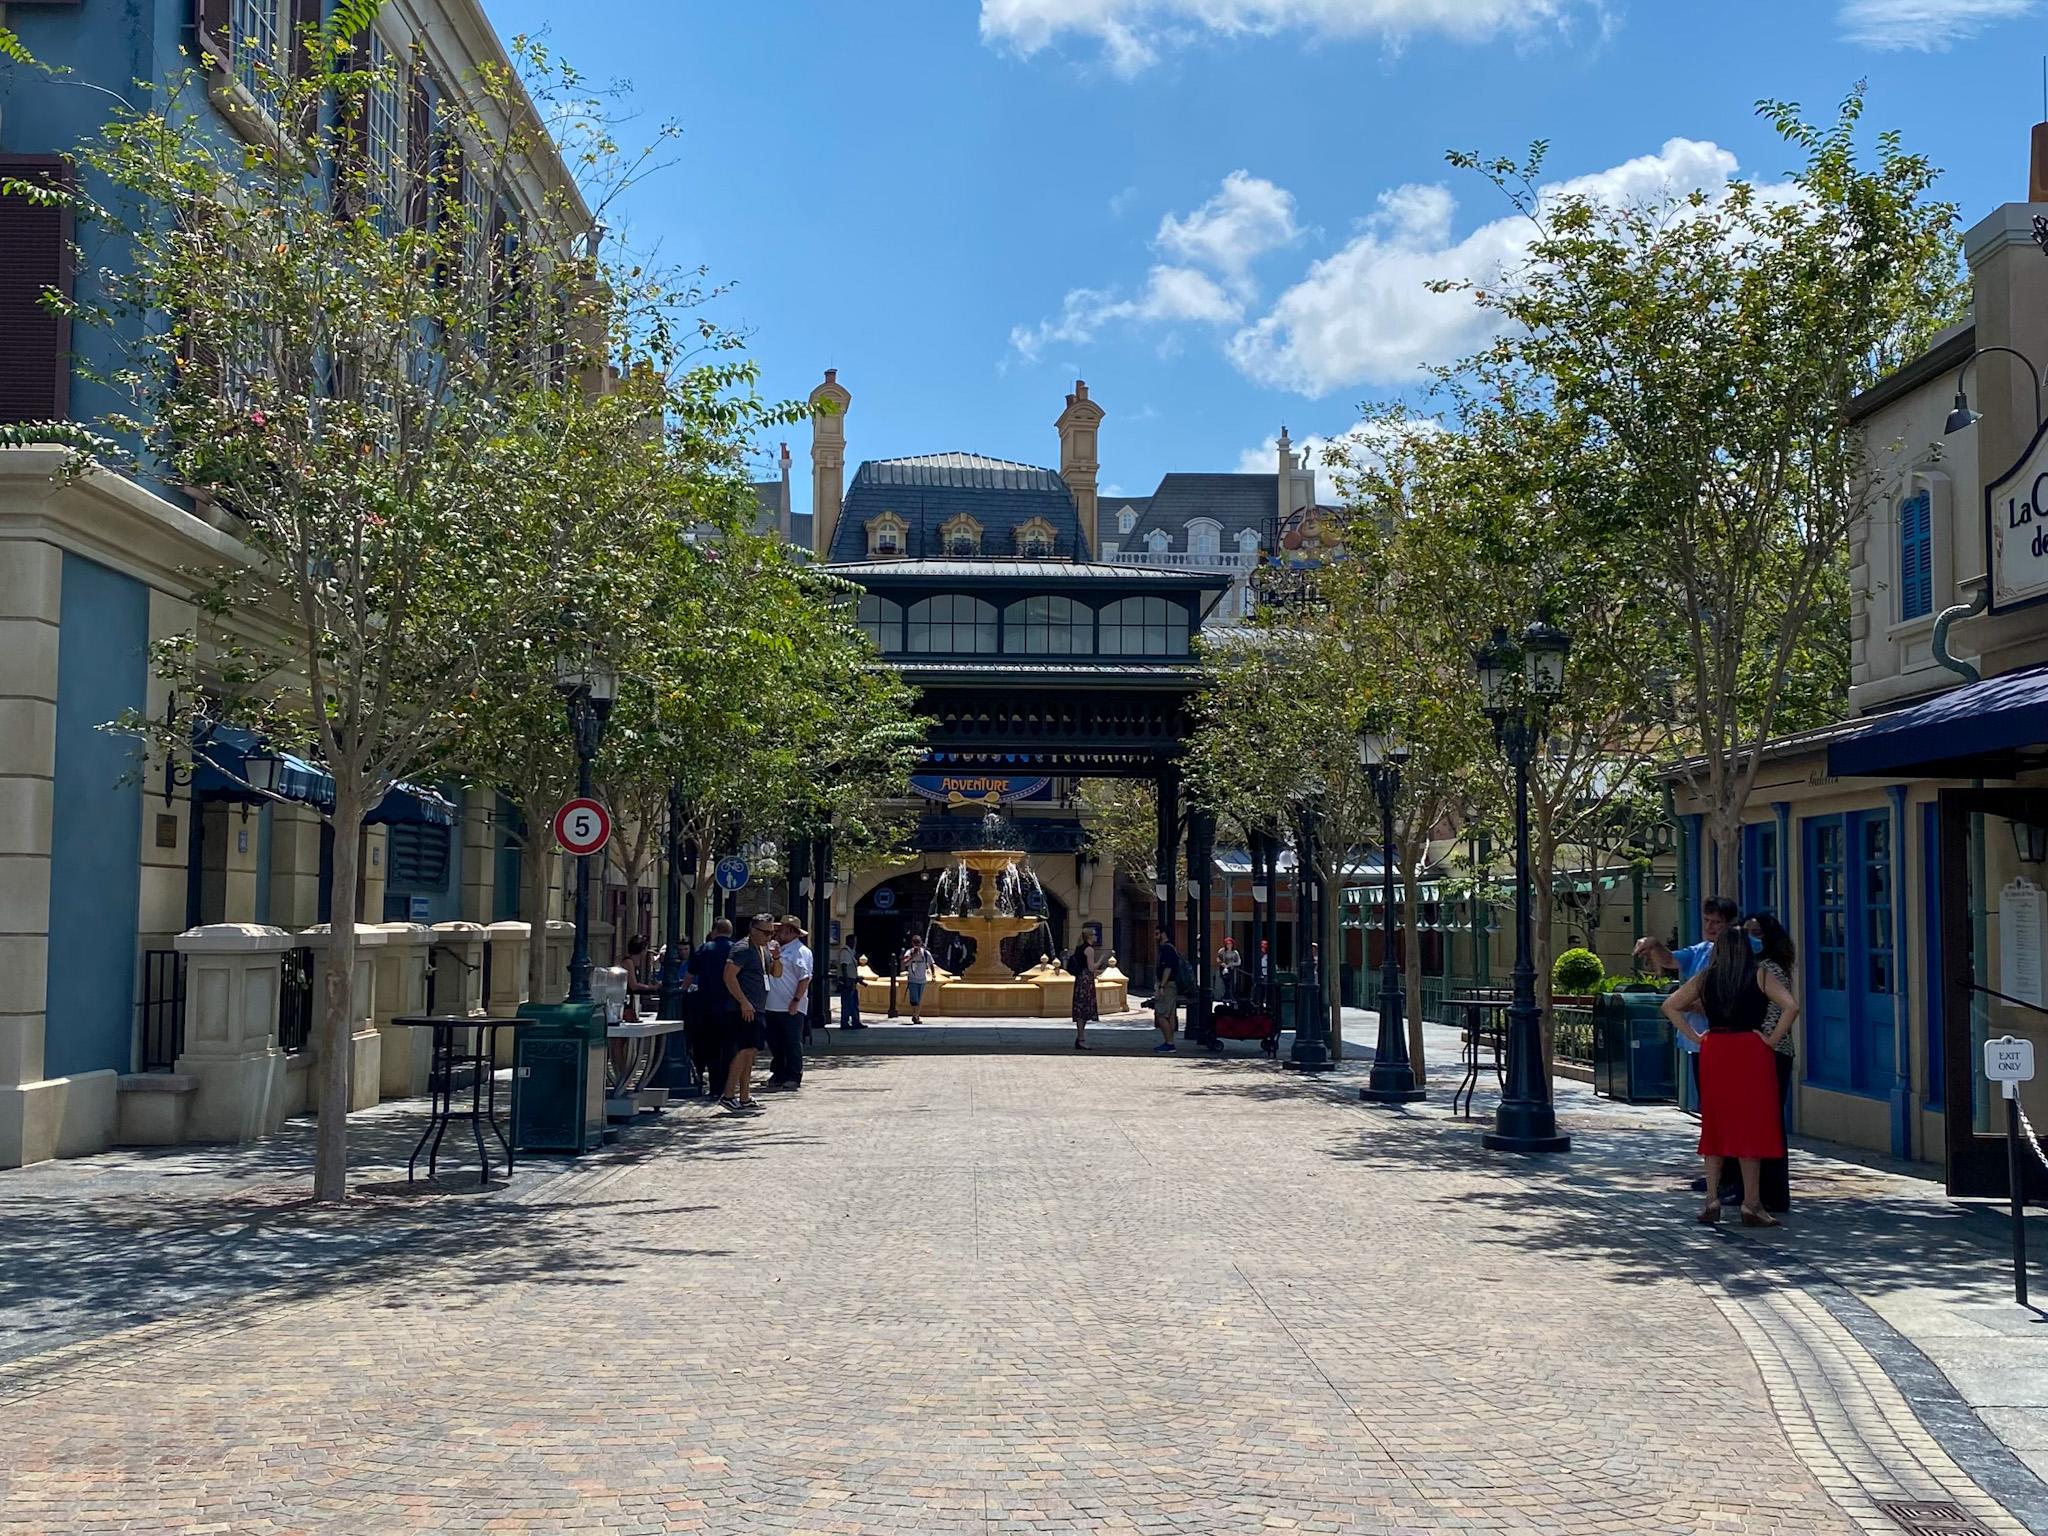 A Look Inside the Expanded France Pavilion: Remy's Ratatouille Adventure and La Creperie de Paris